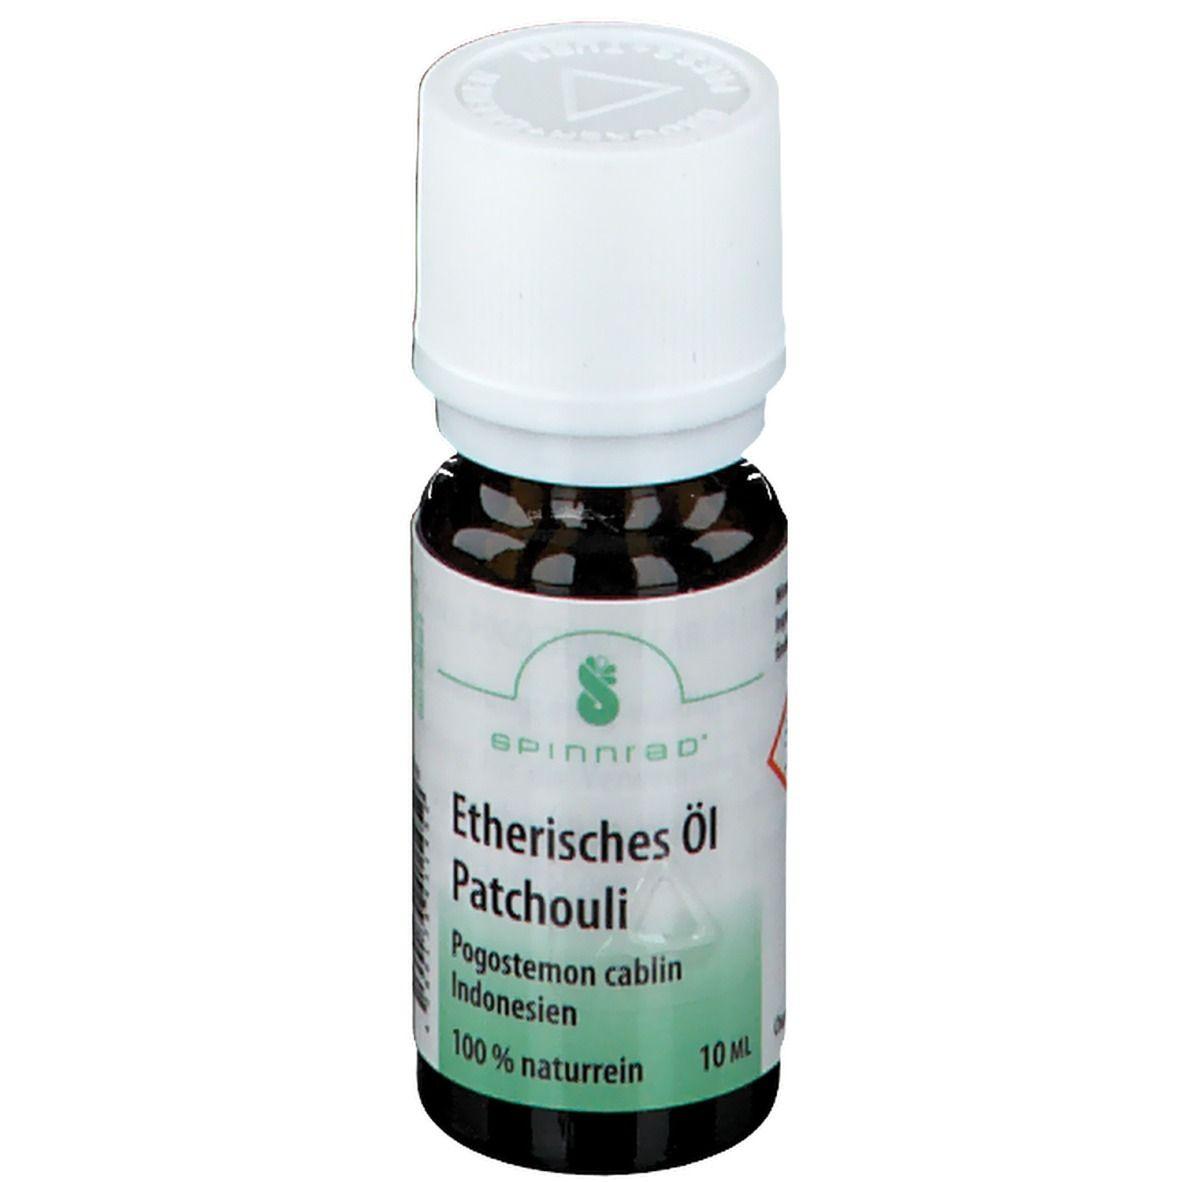 Spinnrad® Etherisches Öl Patchouli 100 % naturrein